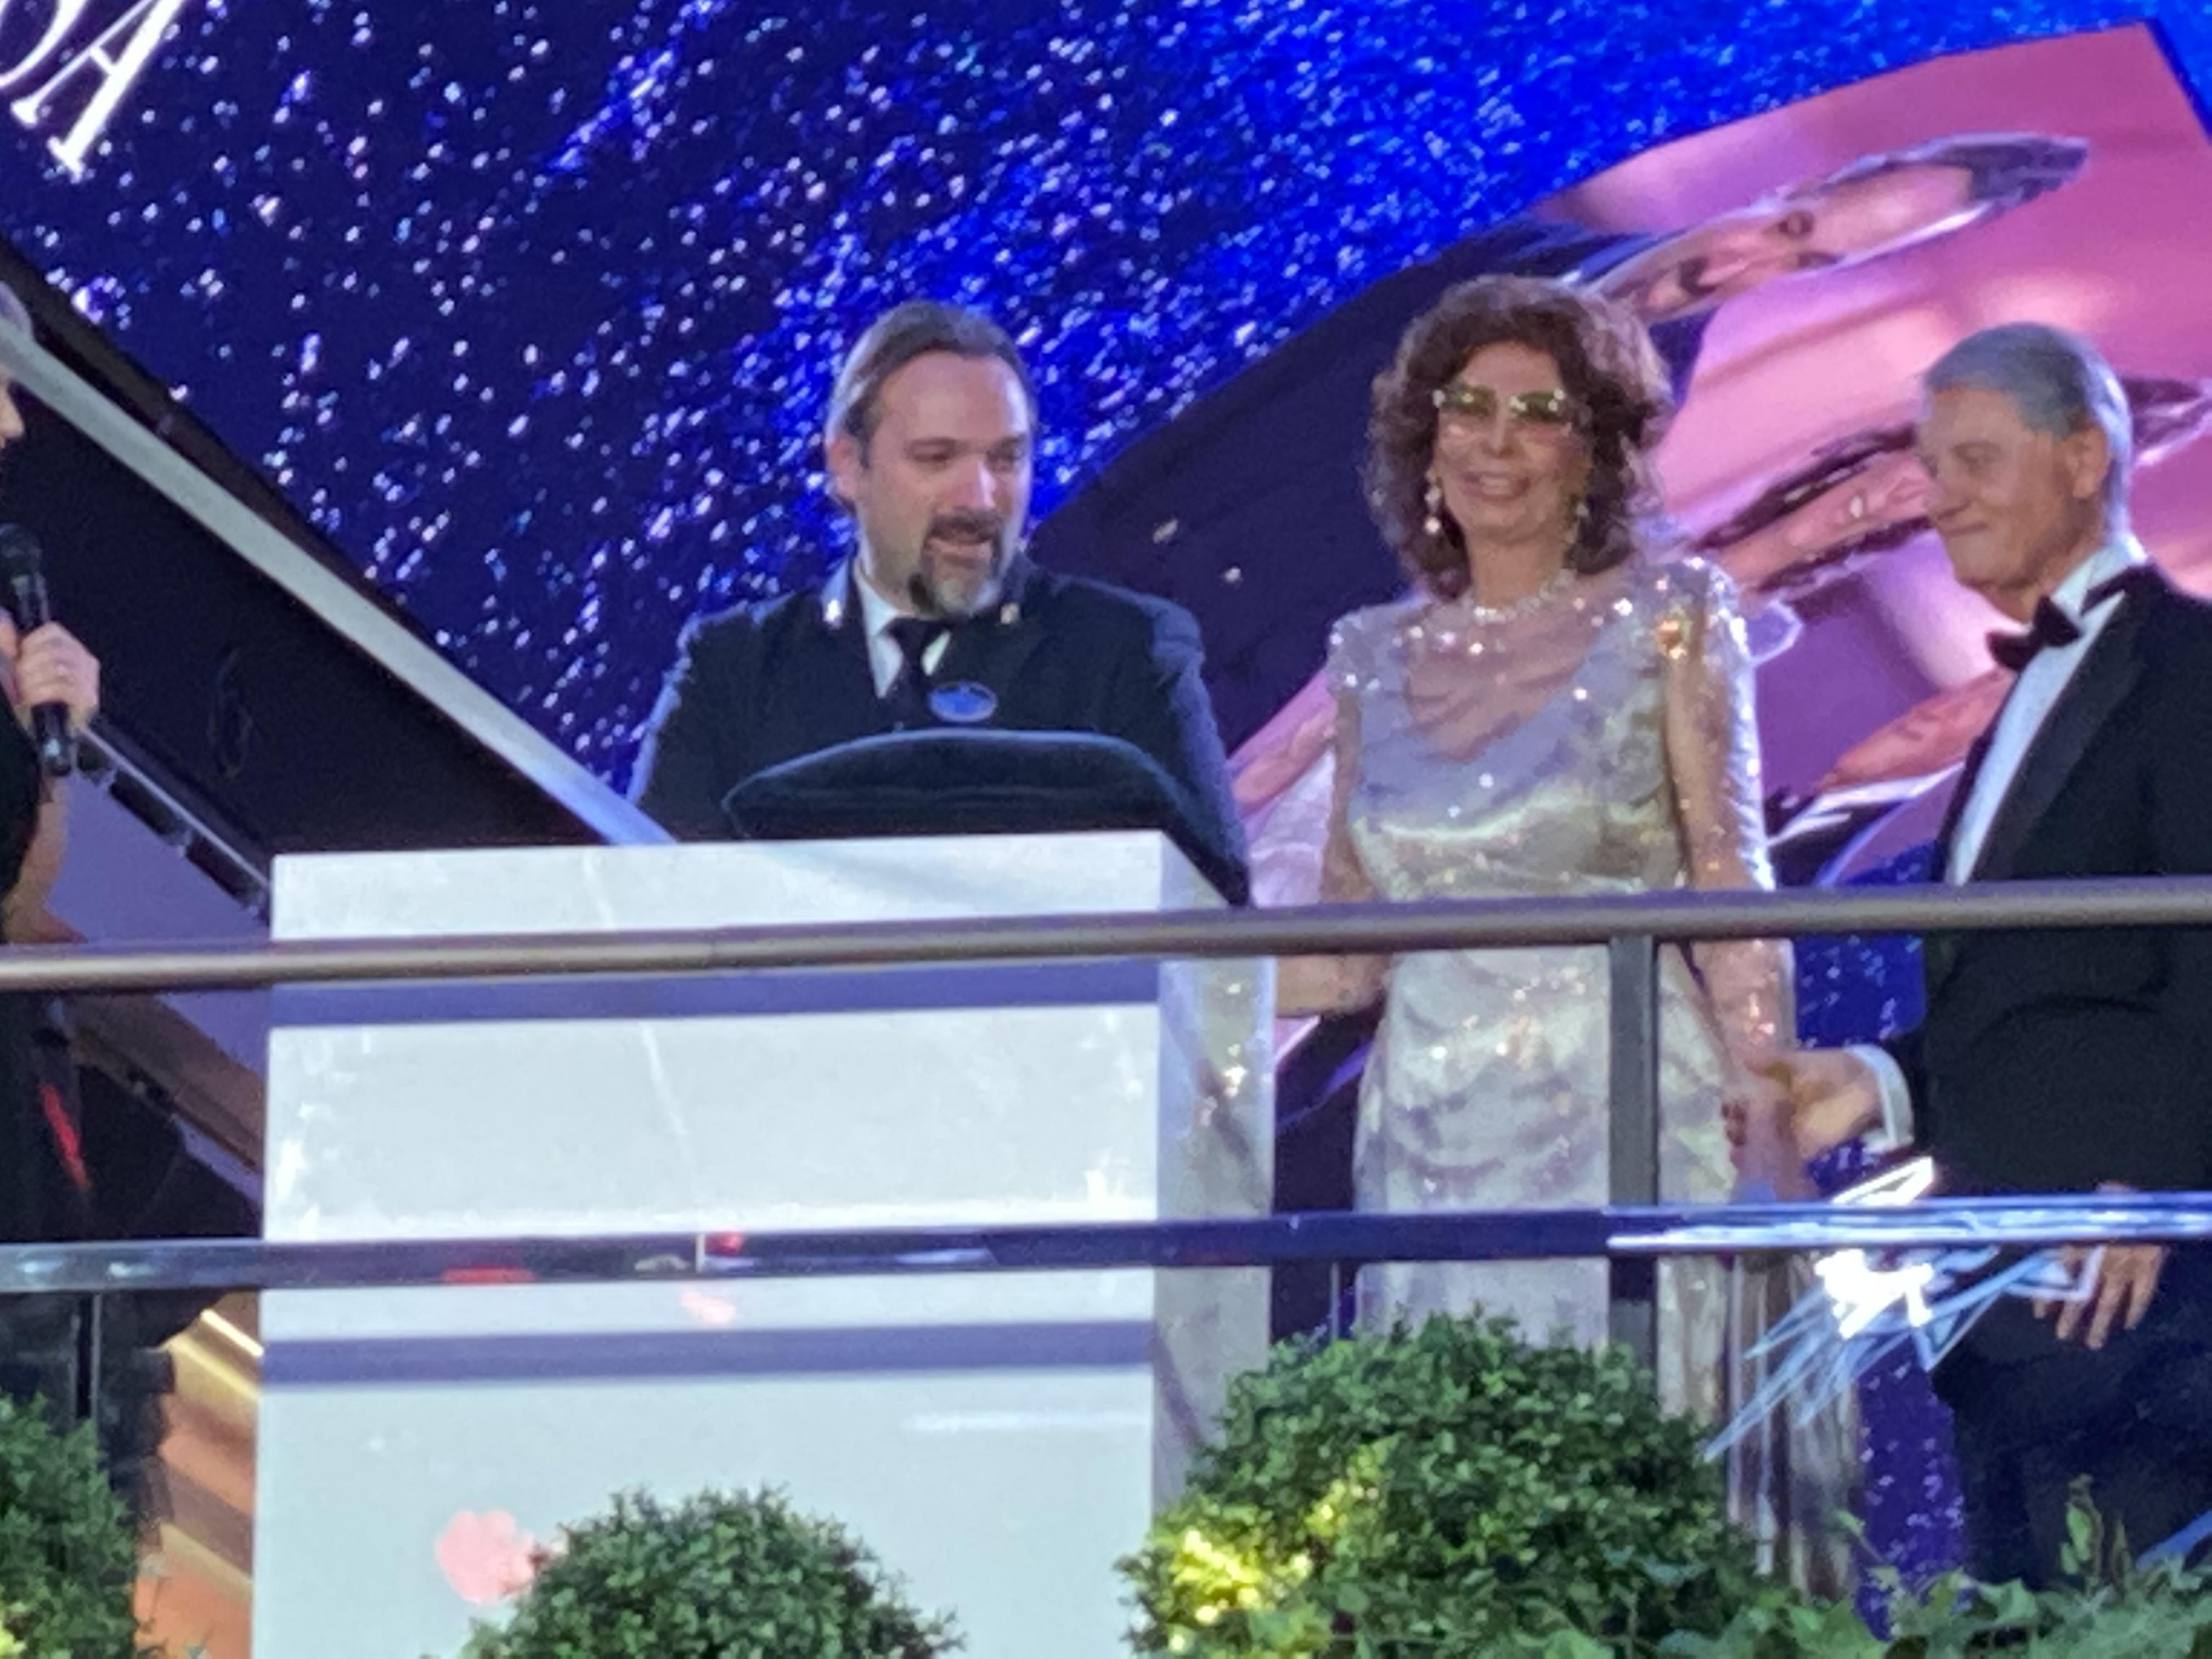 Kaptajnen på MSC Grandiosa får hjælp fra Sophia Loren til skibsdåben. (Foto: Jesper Boas Smith)